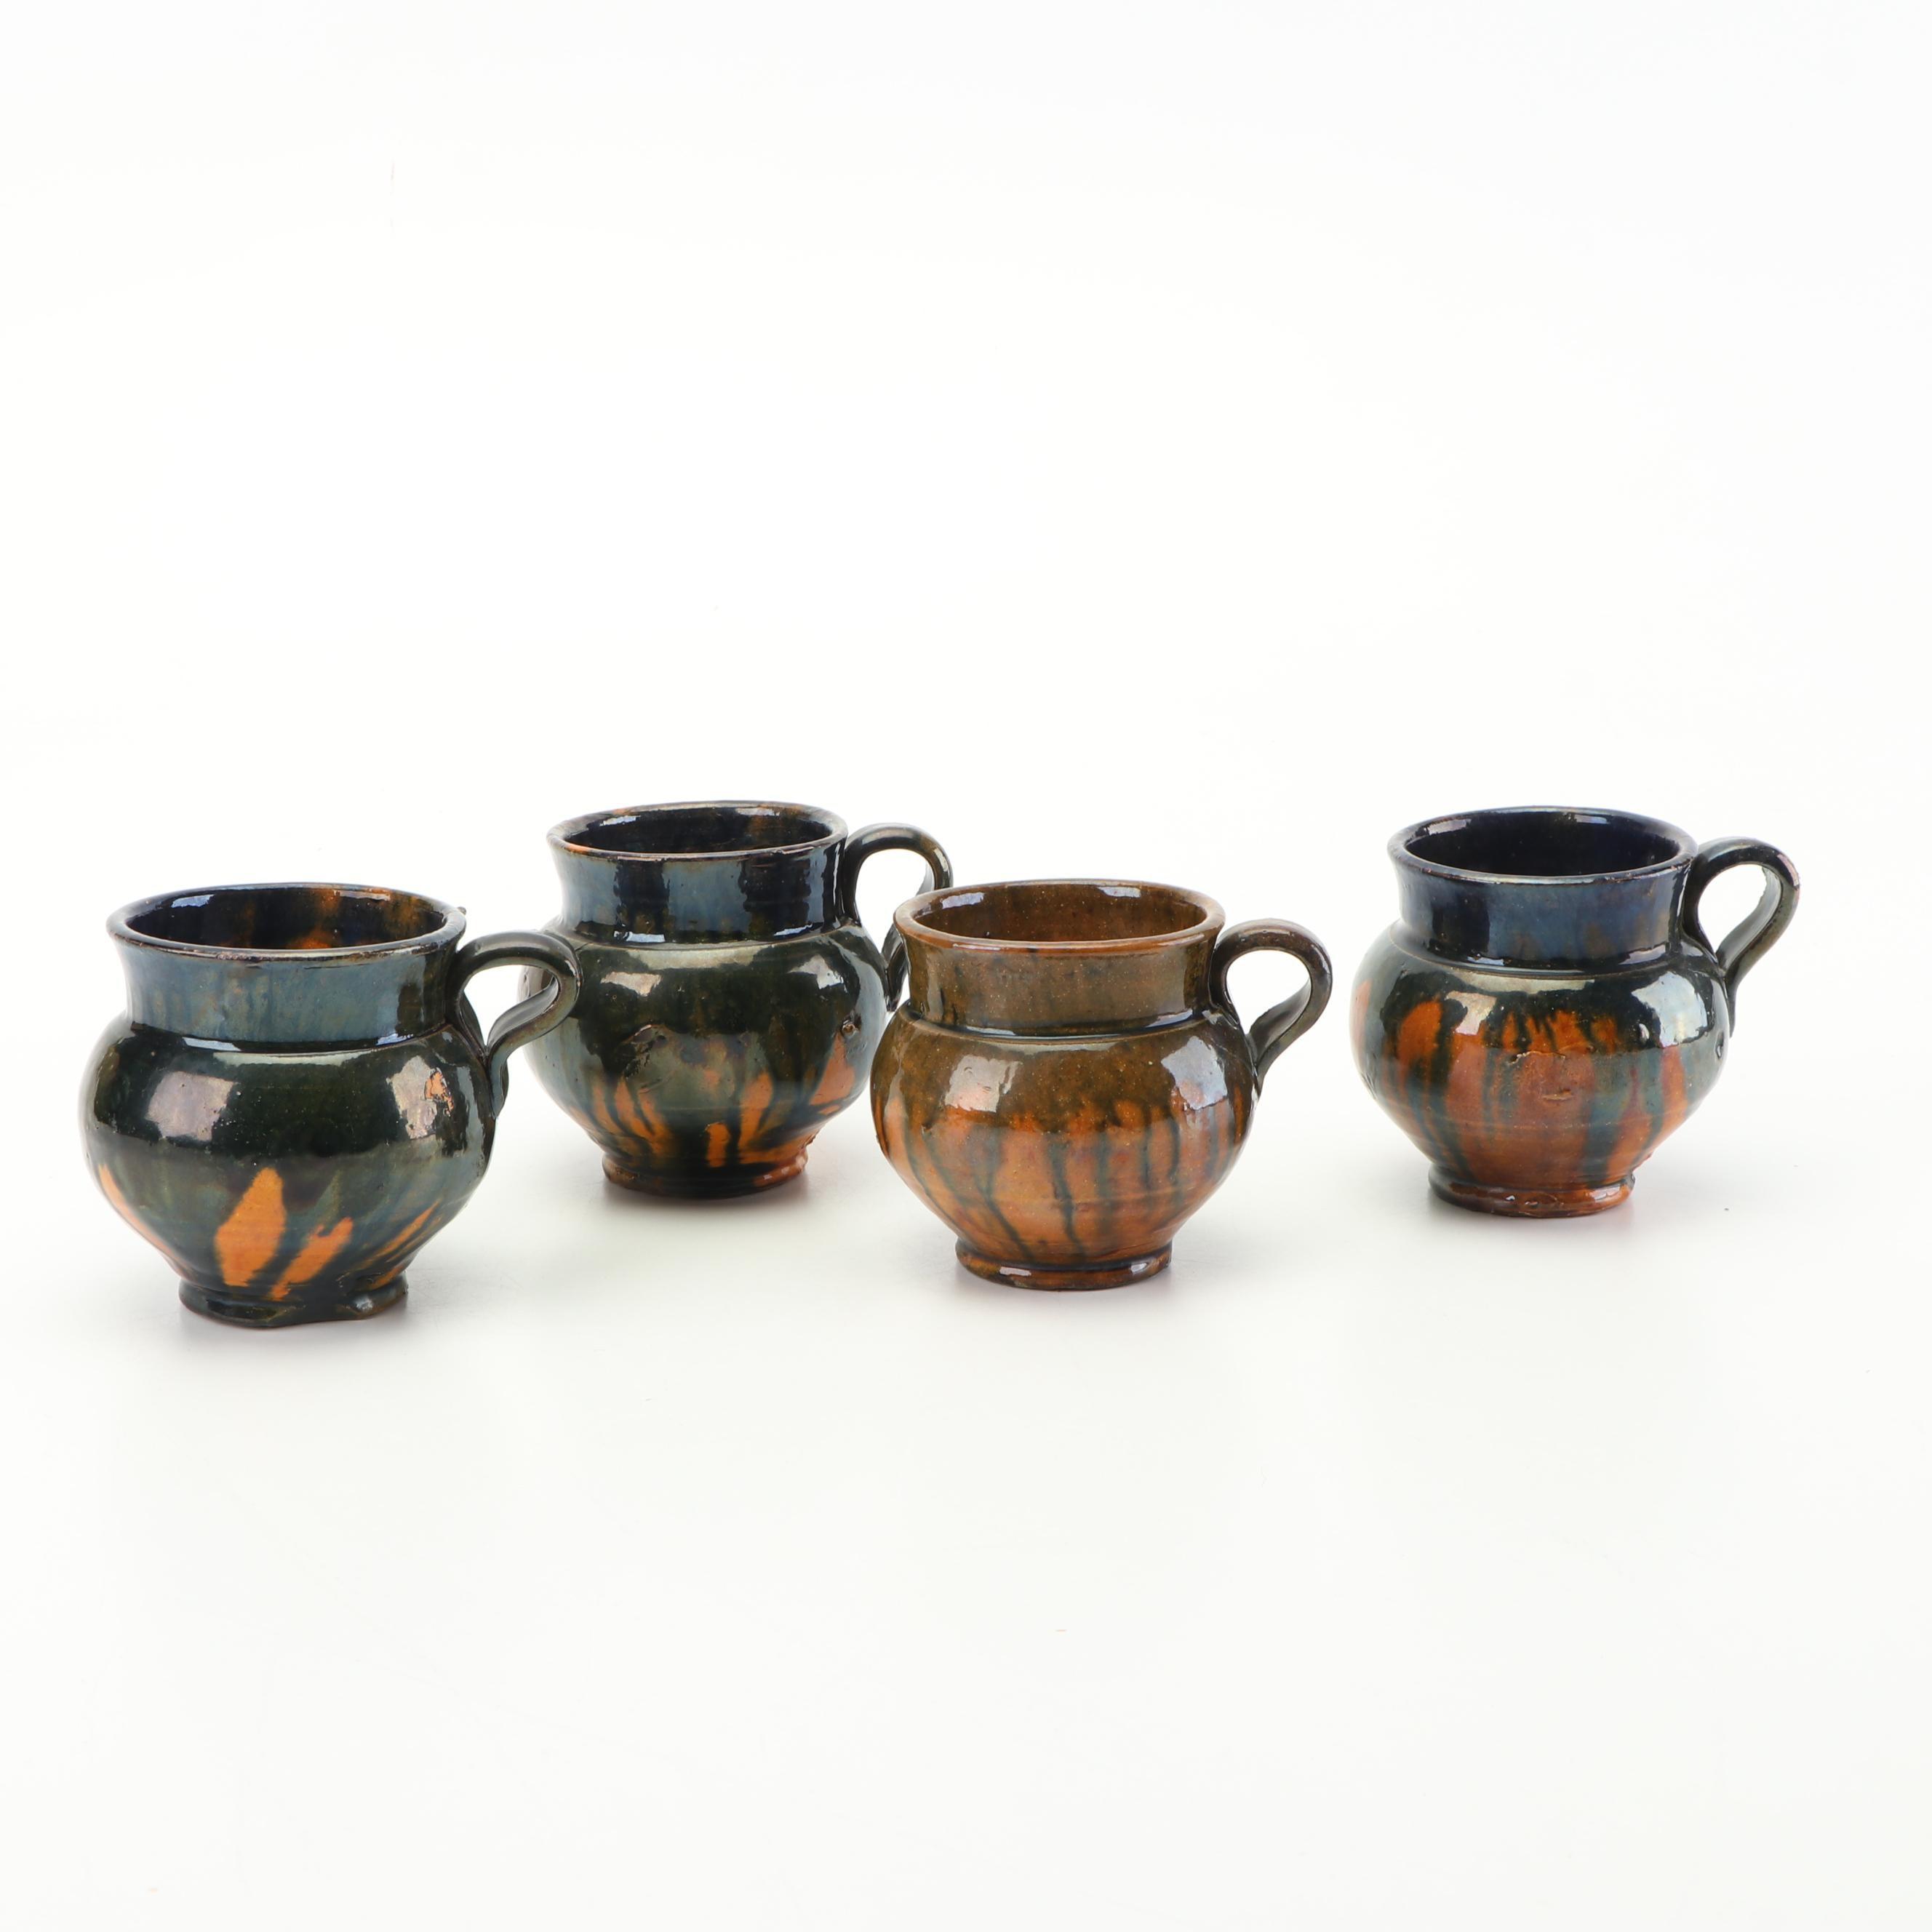 Mexican Thrown Stoneware Jarrito Chocolate Mugs, Patamban, Michoacán